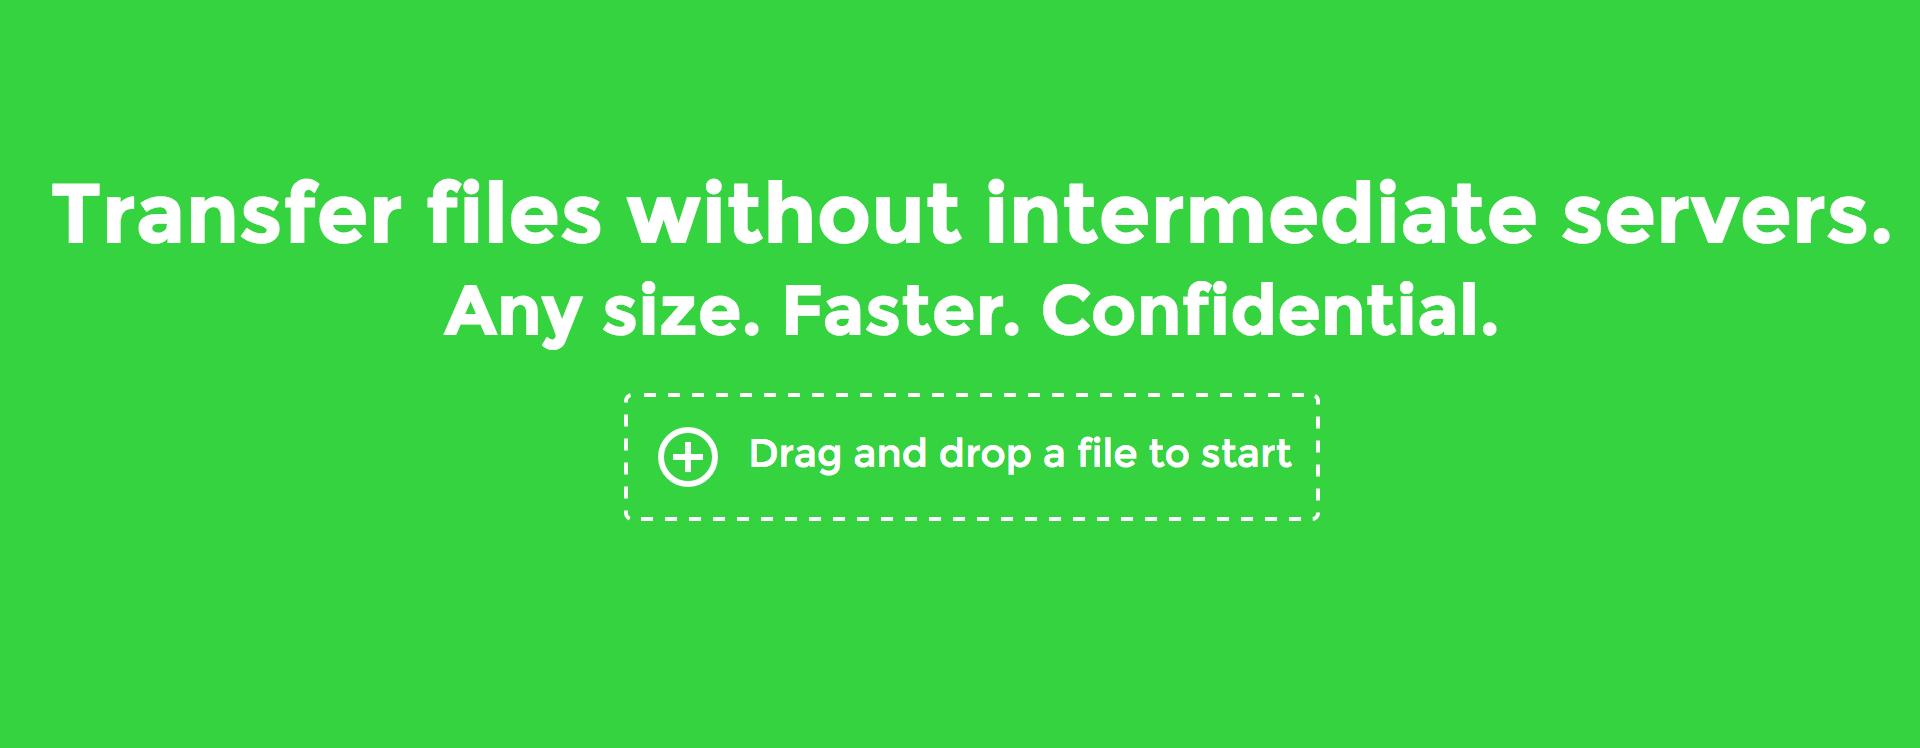 Takket være WebRTC trenger du ikke en utvidelse for å overføre filer mellom maskiner, om du bruker Chrome eller Firefox.